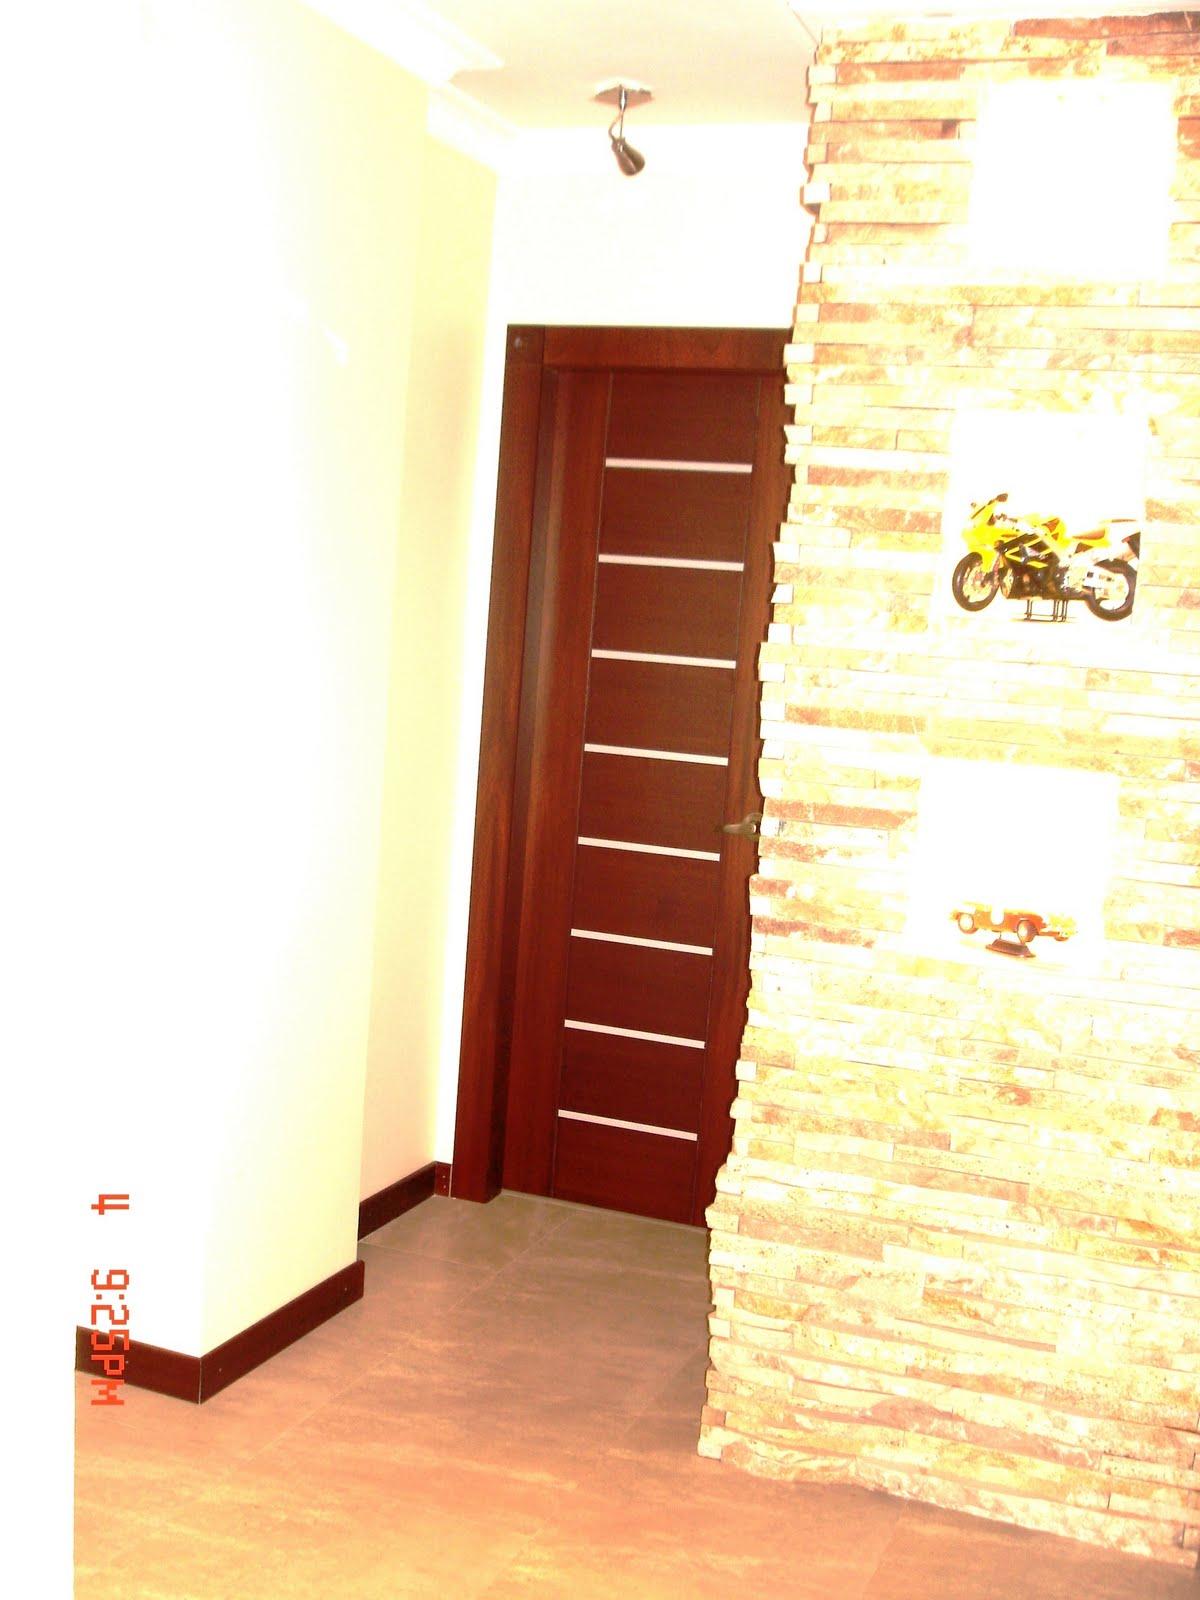 Ideatumobiliario puertas interiores y exteriores para su - Divisiones en madera ...